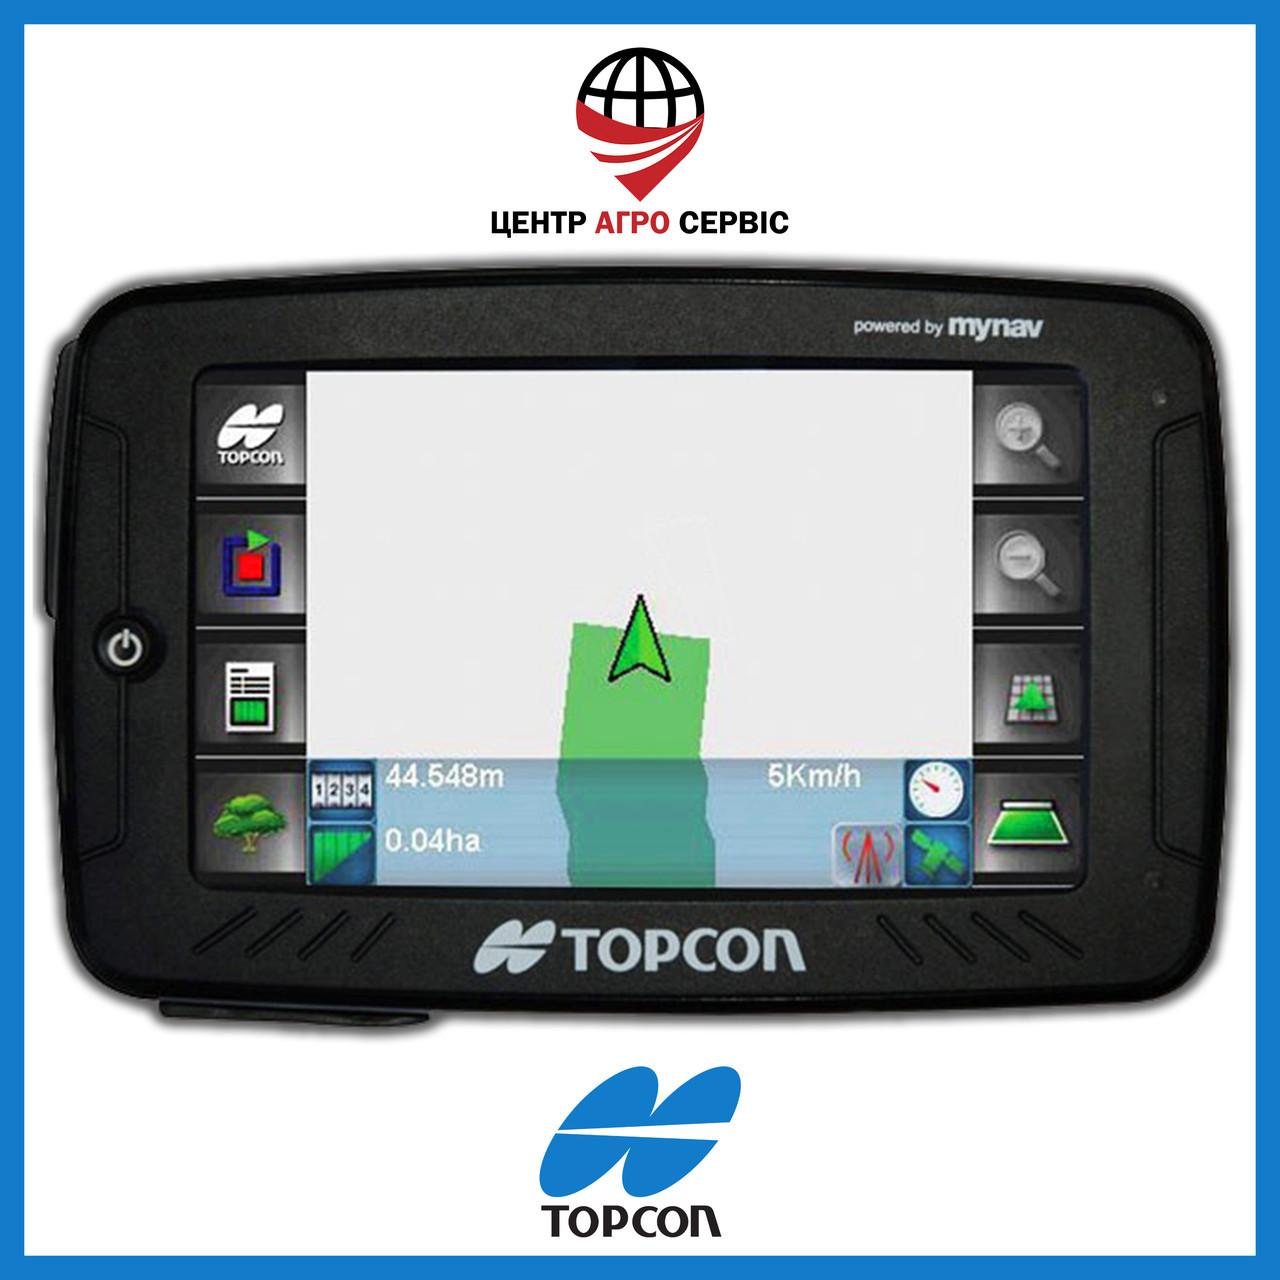 Gps навигатор для трактора (навигатор для поля, сельхоз навигатор)  Топкон 5